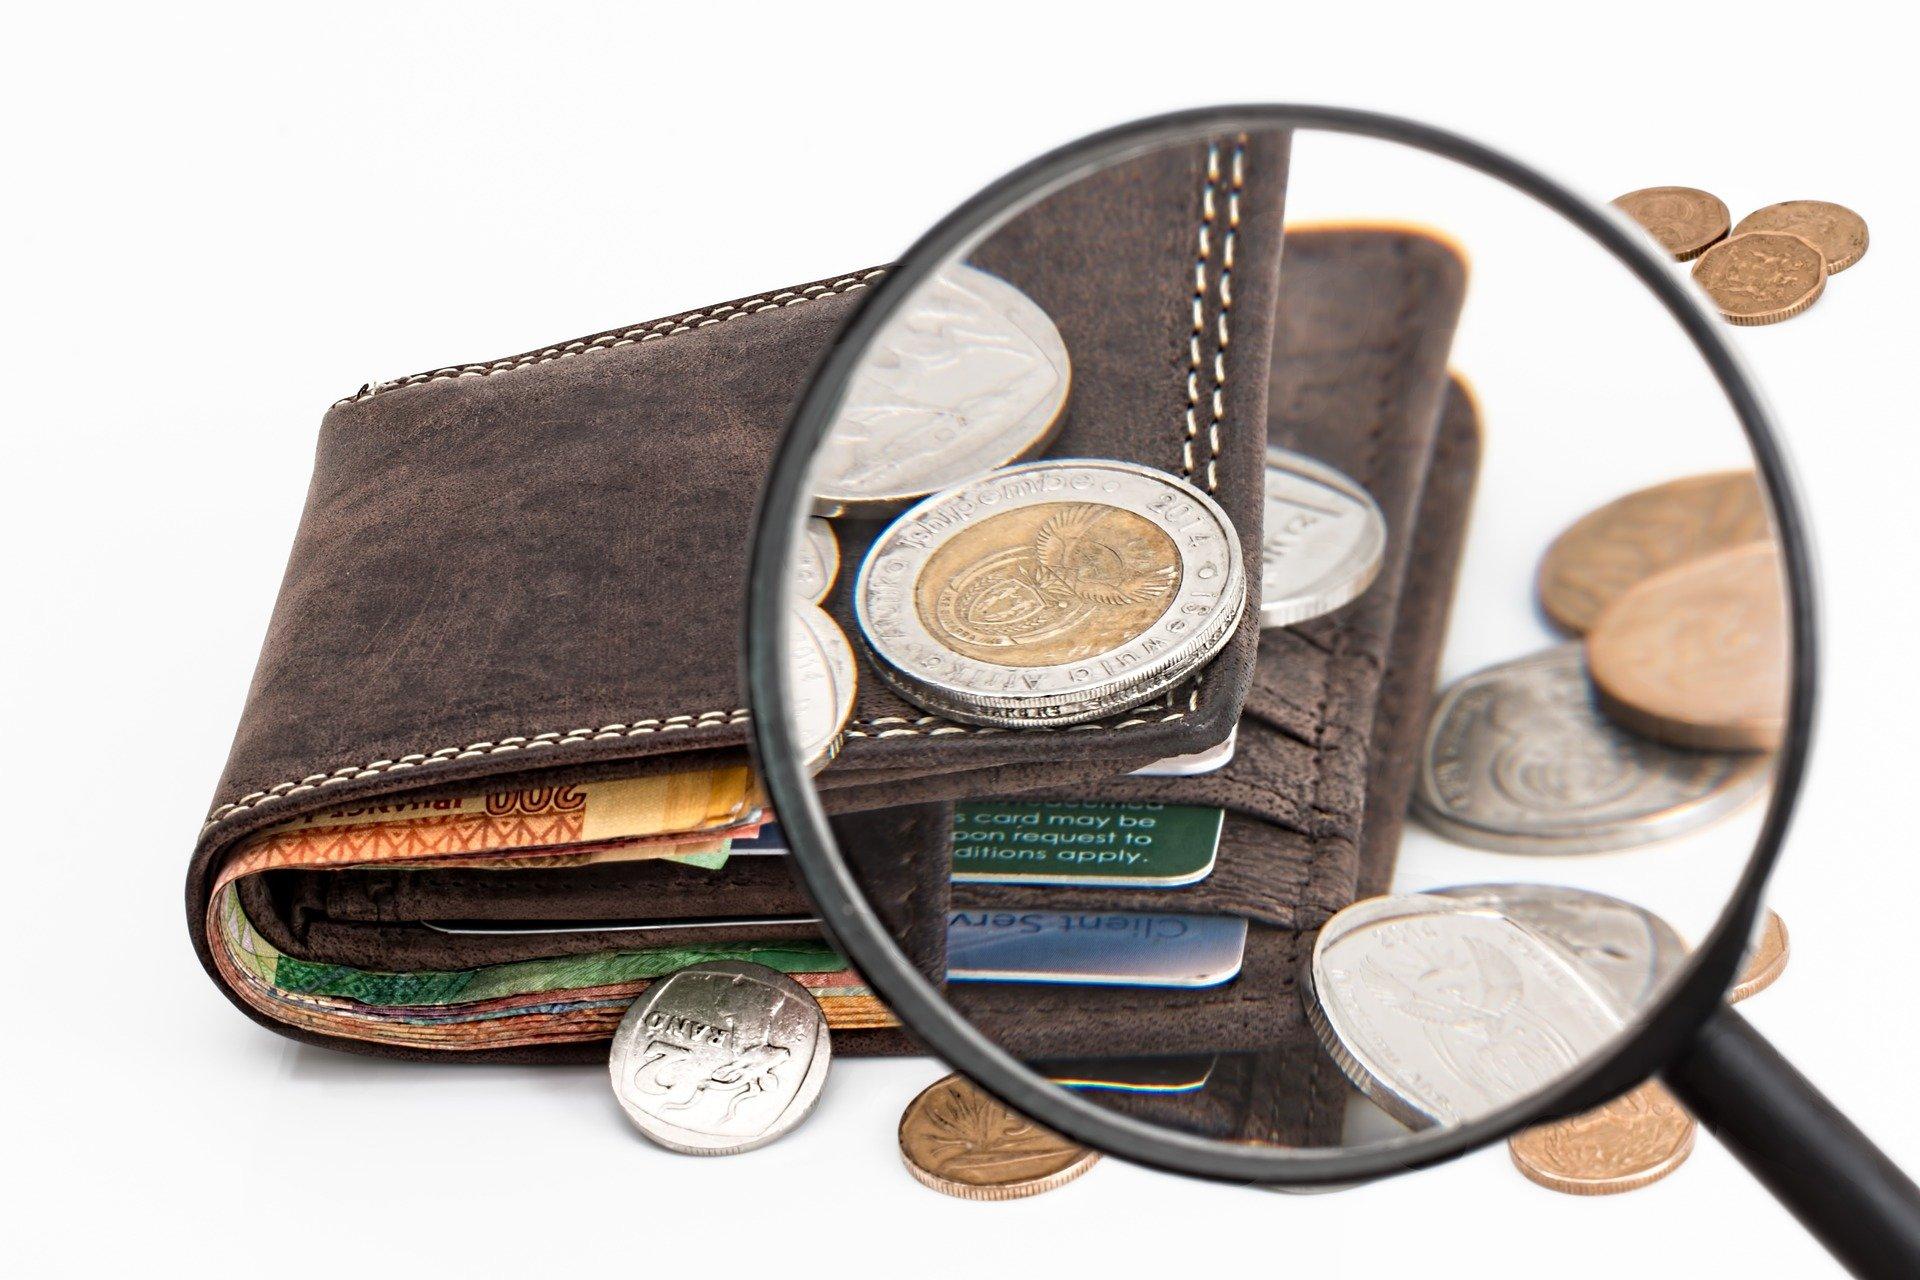 Krijg weer controle over je financiën met behulp van bewindvoering of budgetbeheer